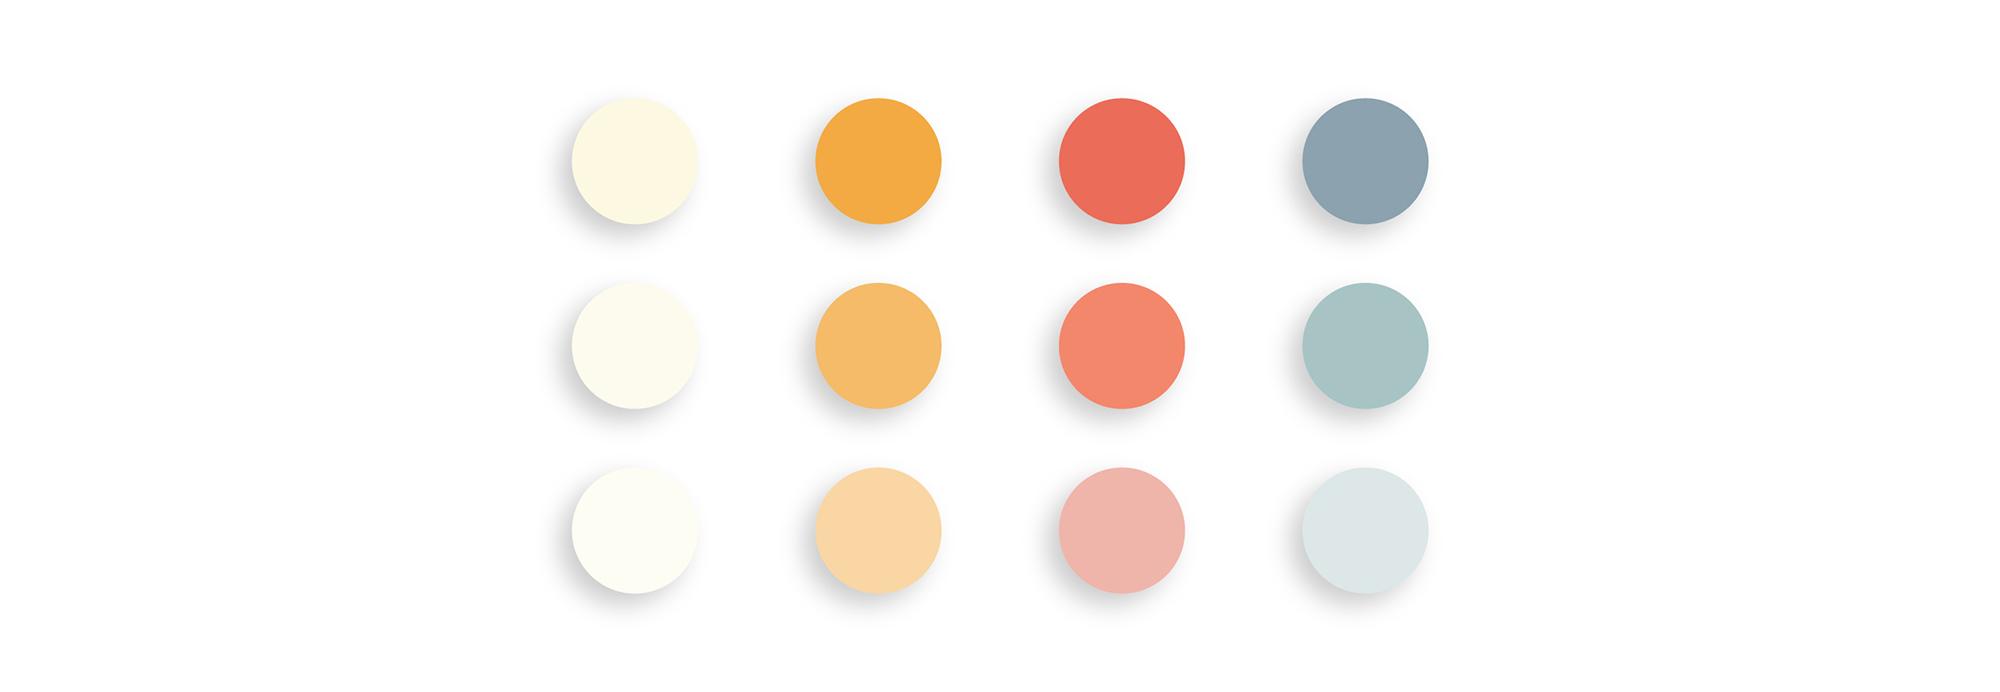 colors-08.jpg